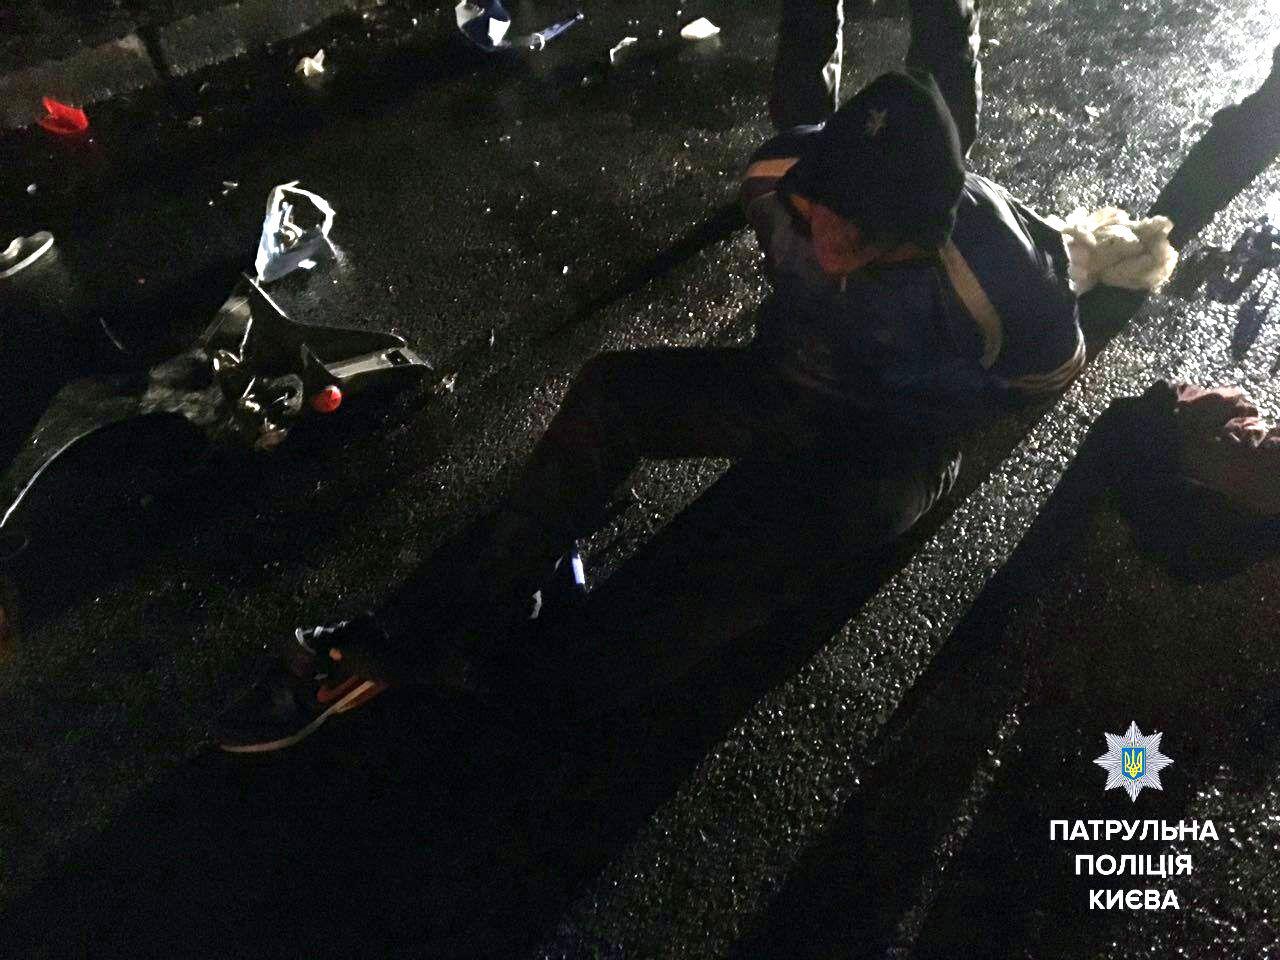 ВКиеве выпивший мотоциклист грозил поджечь себя ипатрульных